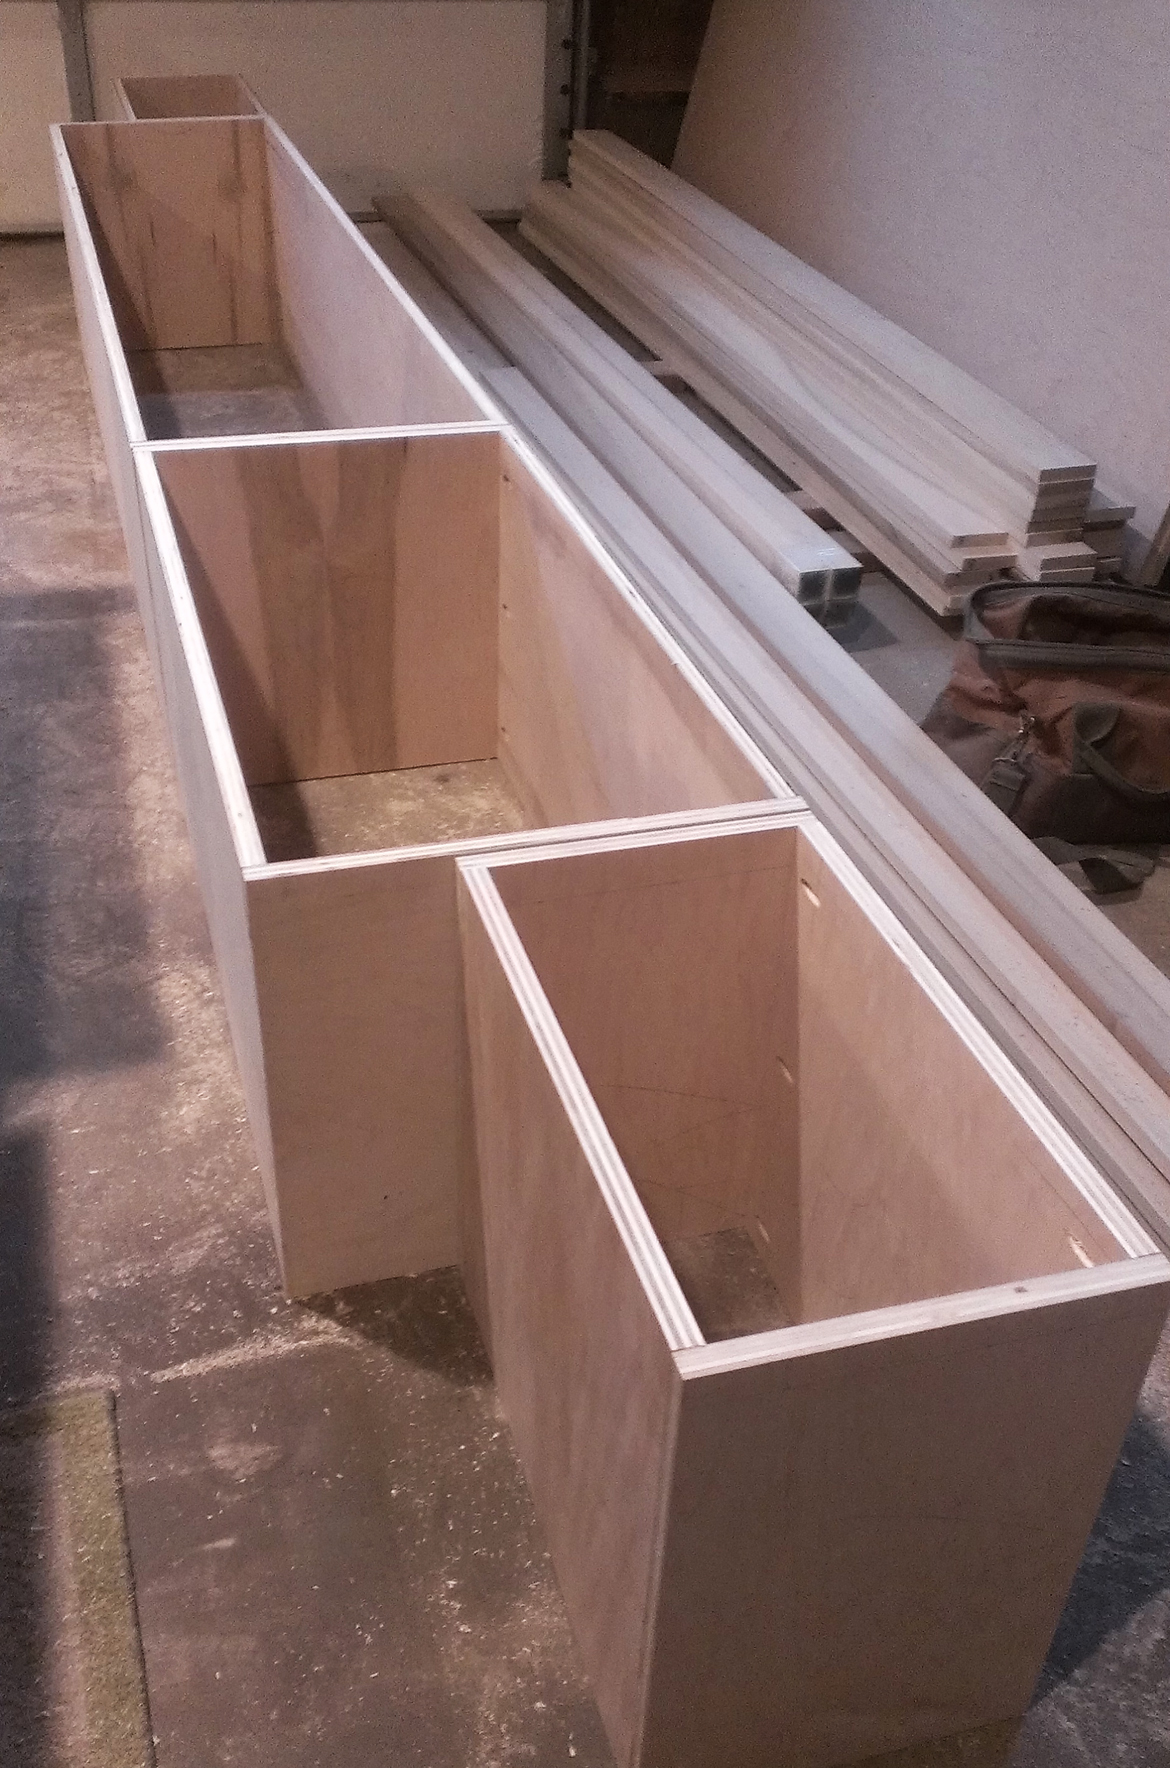 10 - FR base boxes